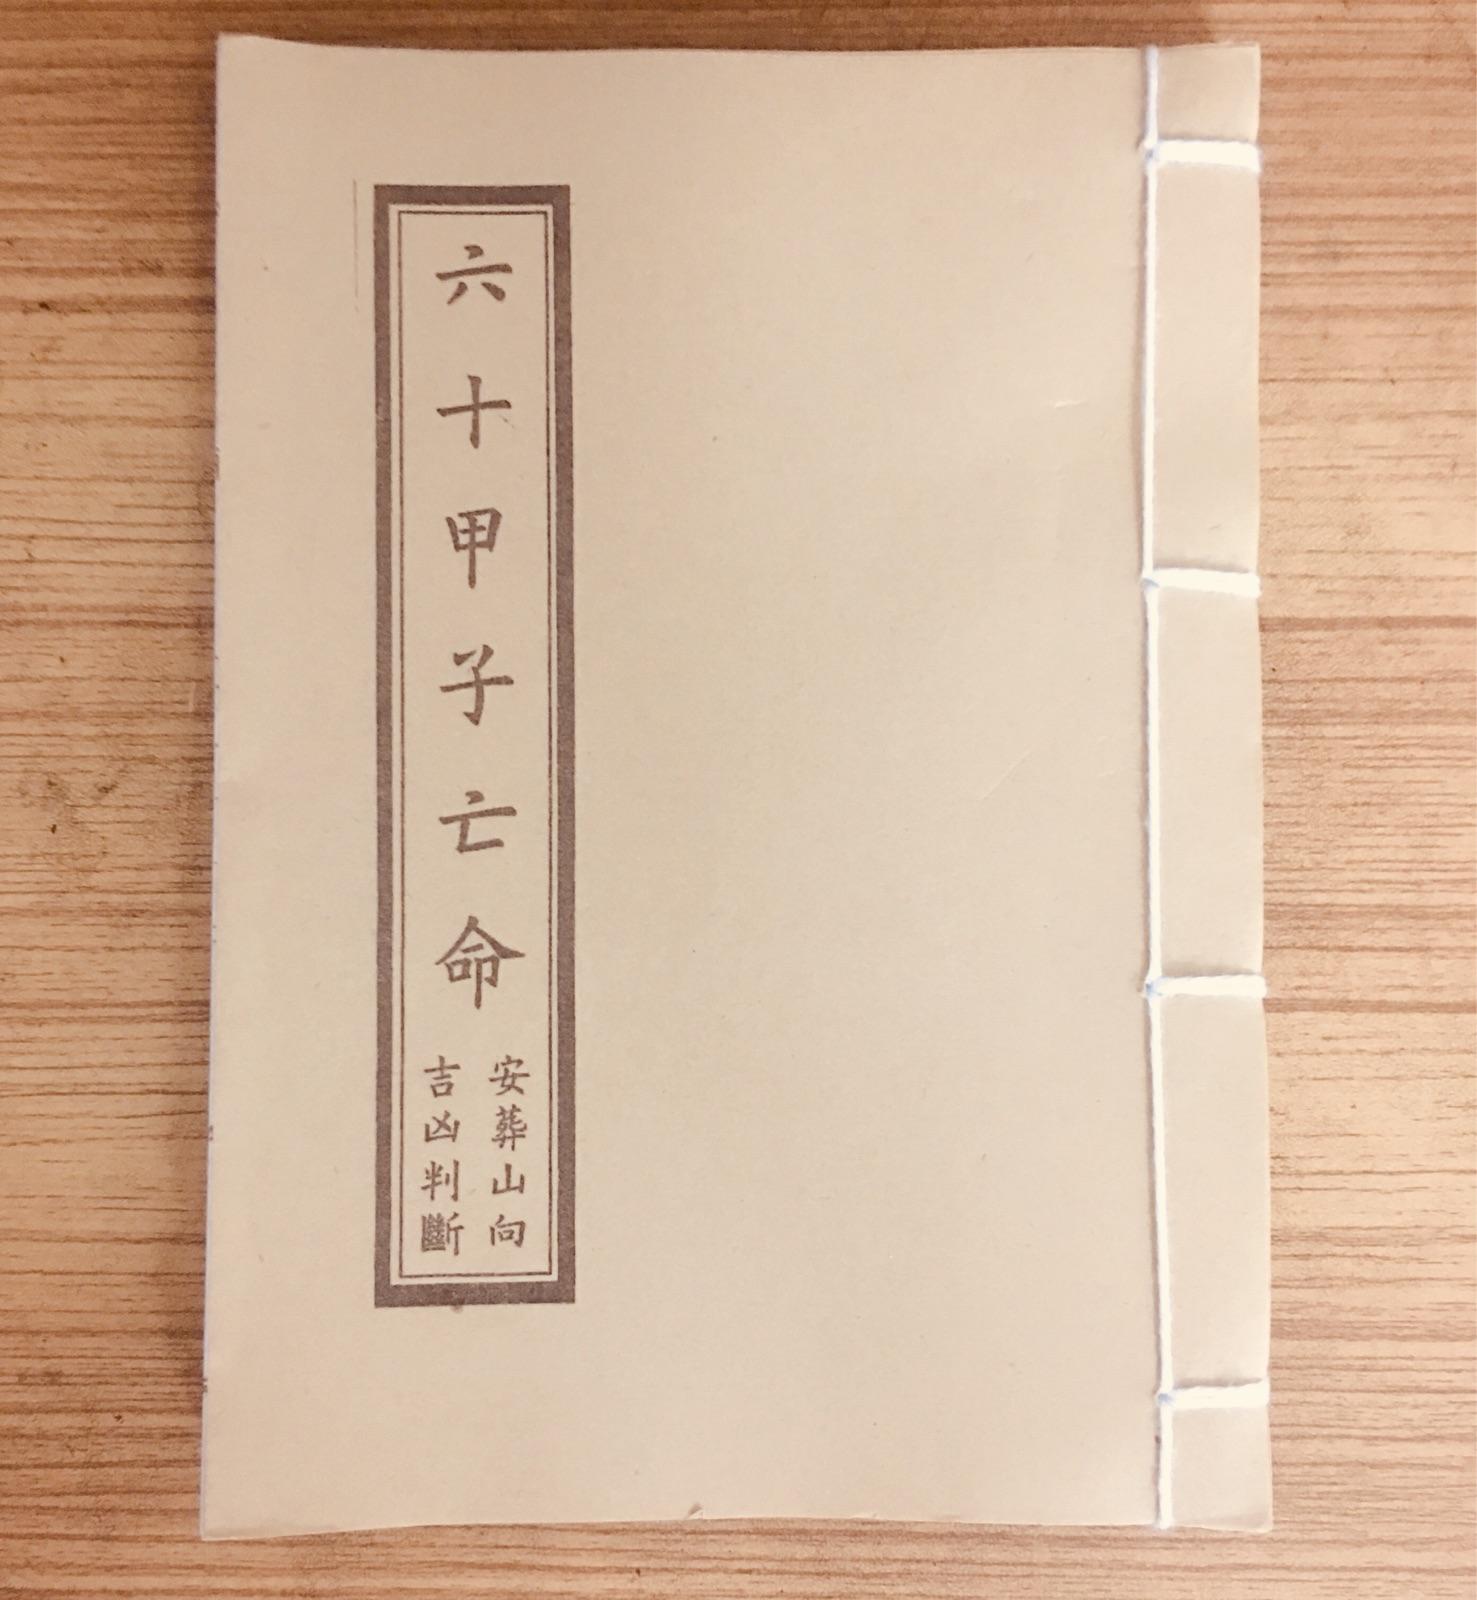 [六十甲子仙命安葬 二十四山向吉凶断 地理风水古籍翻印本98页] слева справа